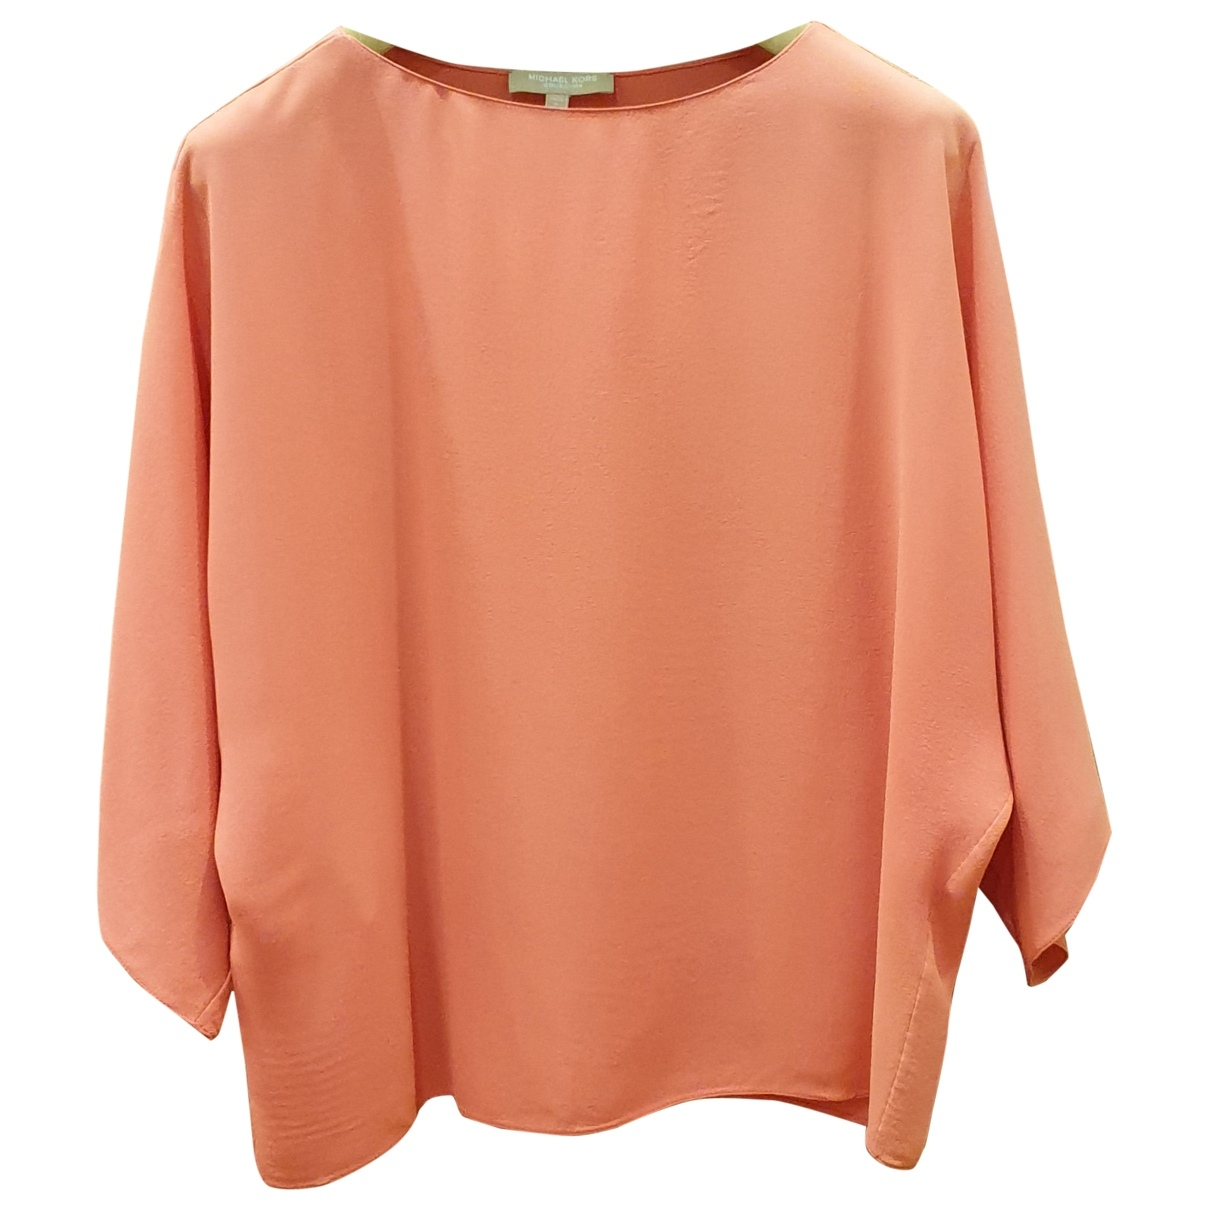 Michael Kors - Top   pour femme en soie - orange